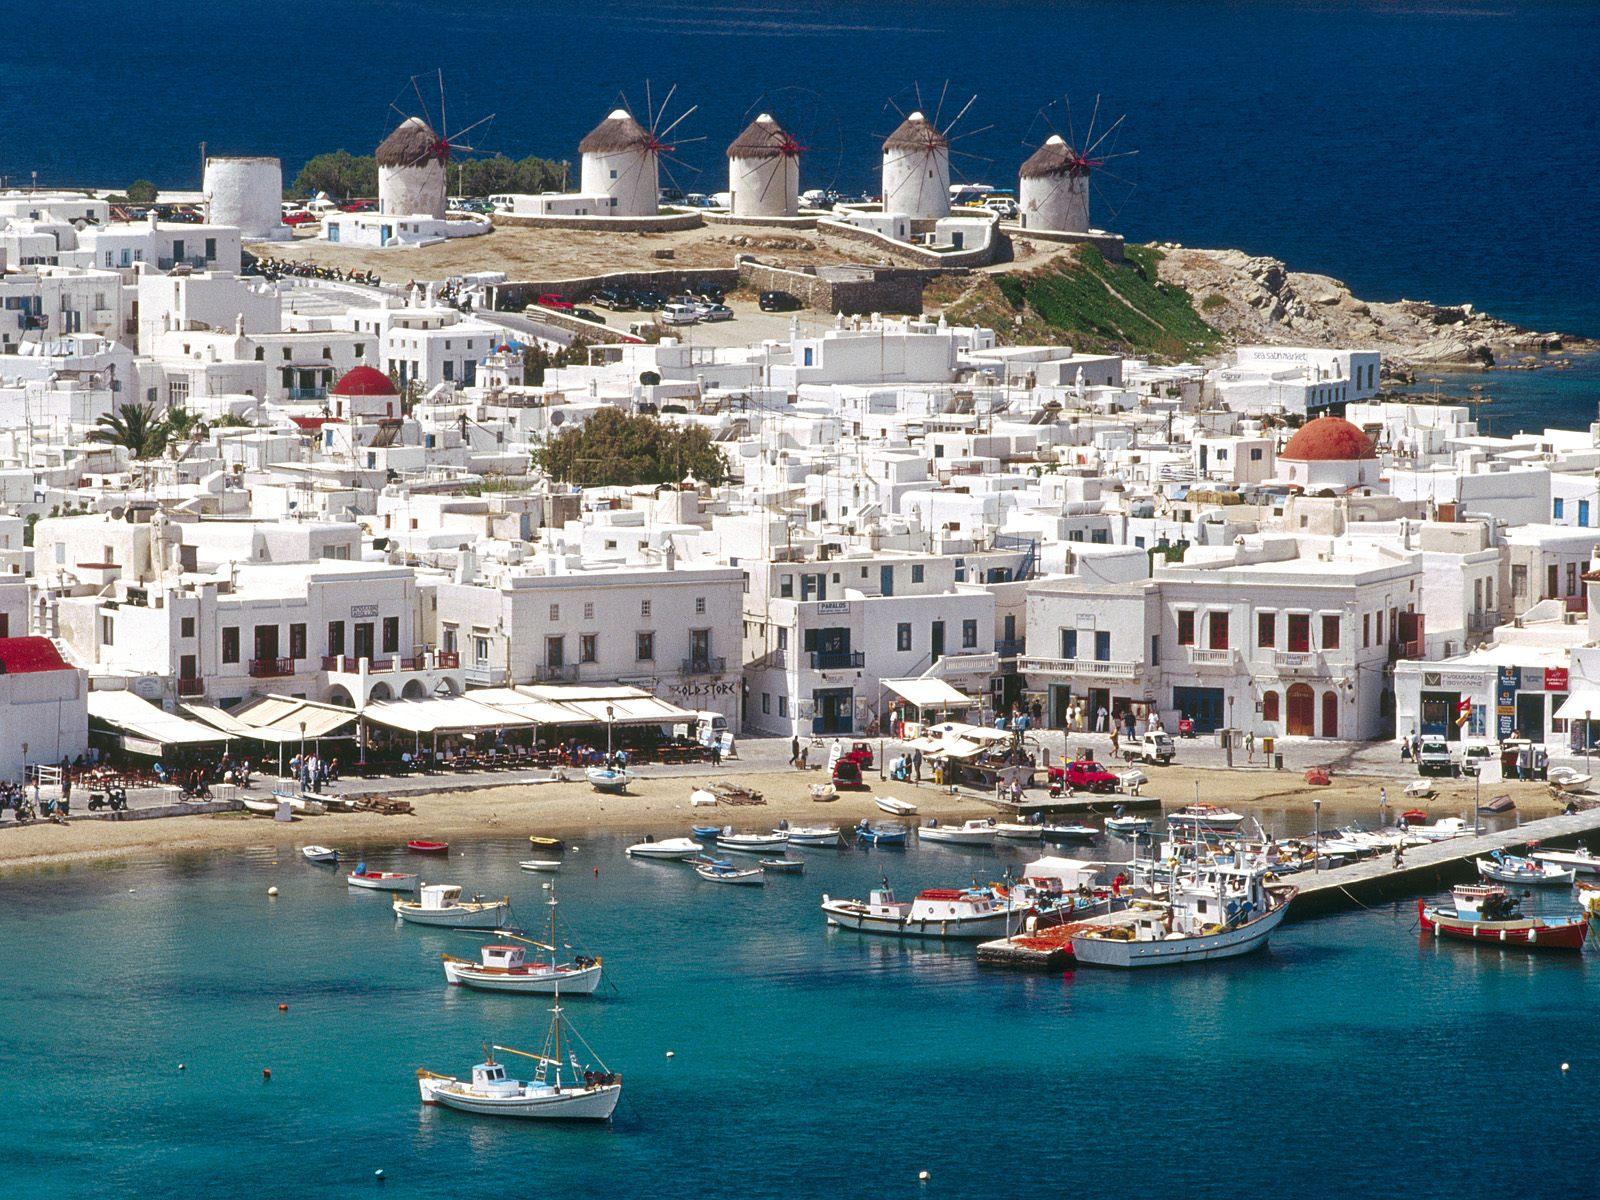 Vacances en Grèce : visiter les îles grecques